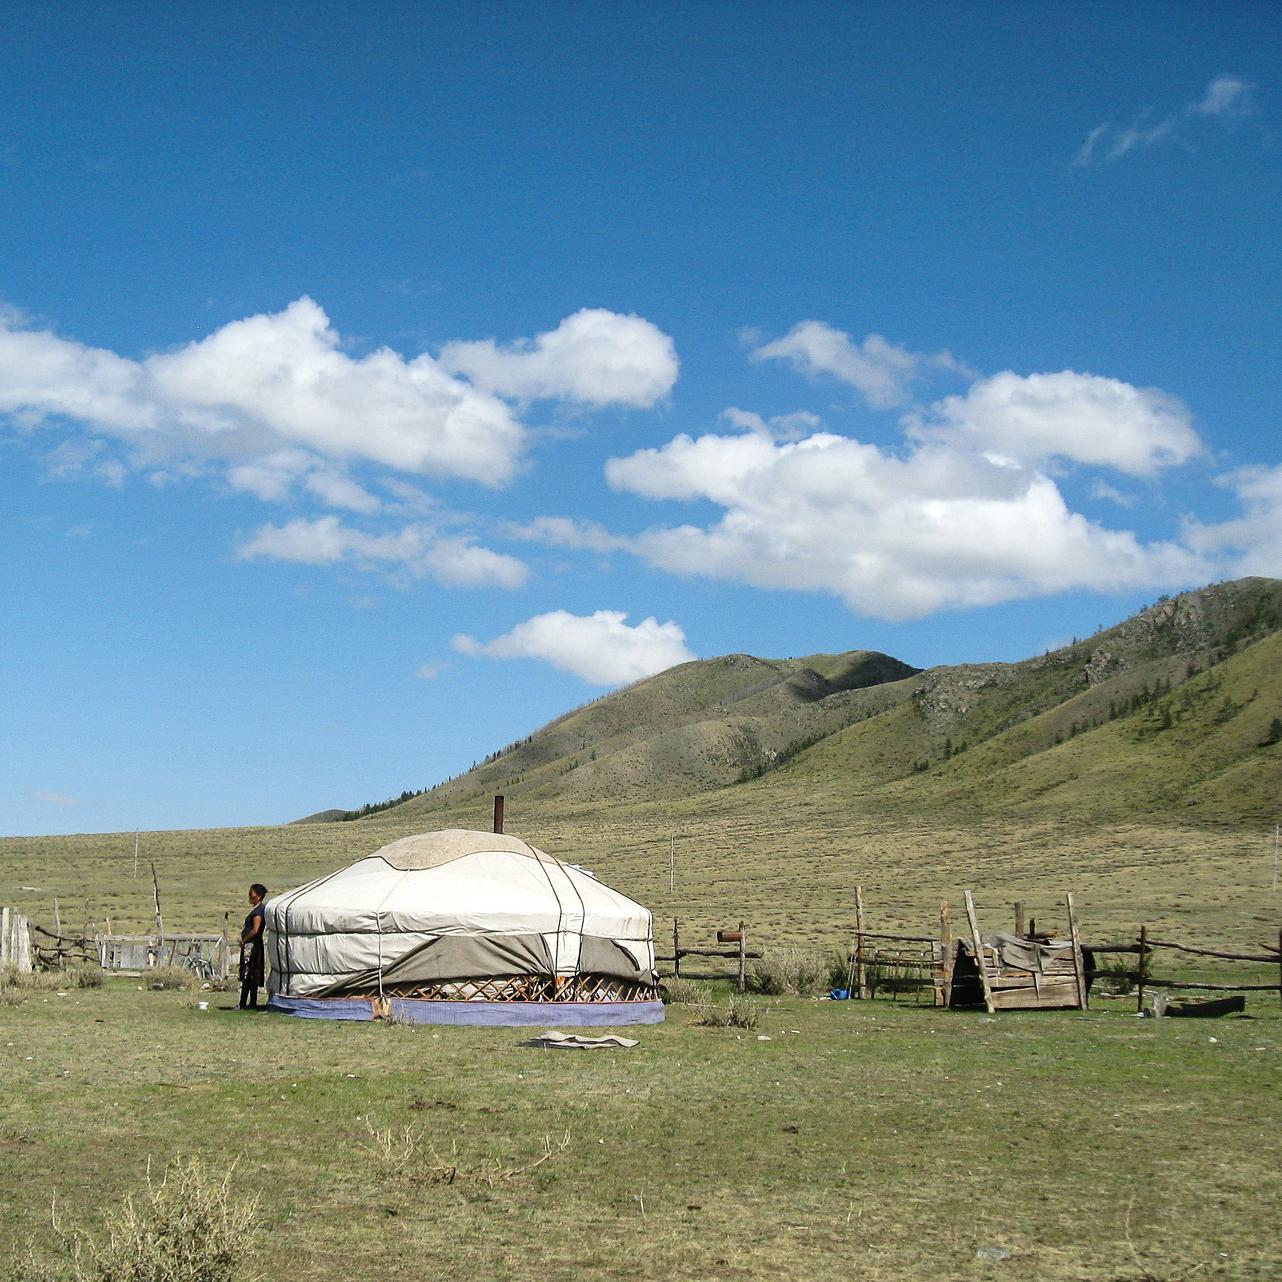 yurt-486865_1920 copy.jpg